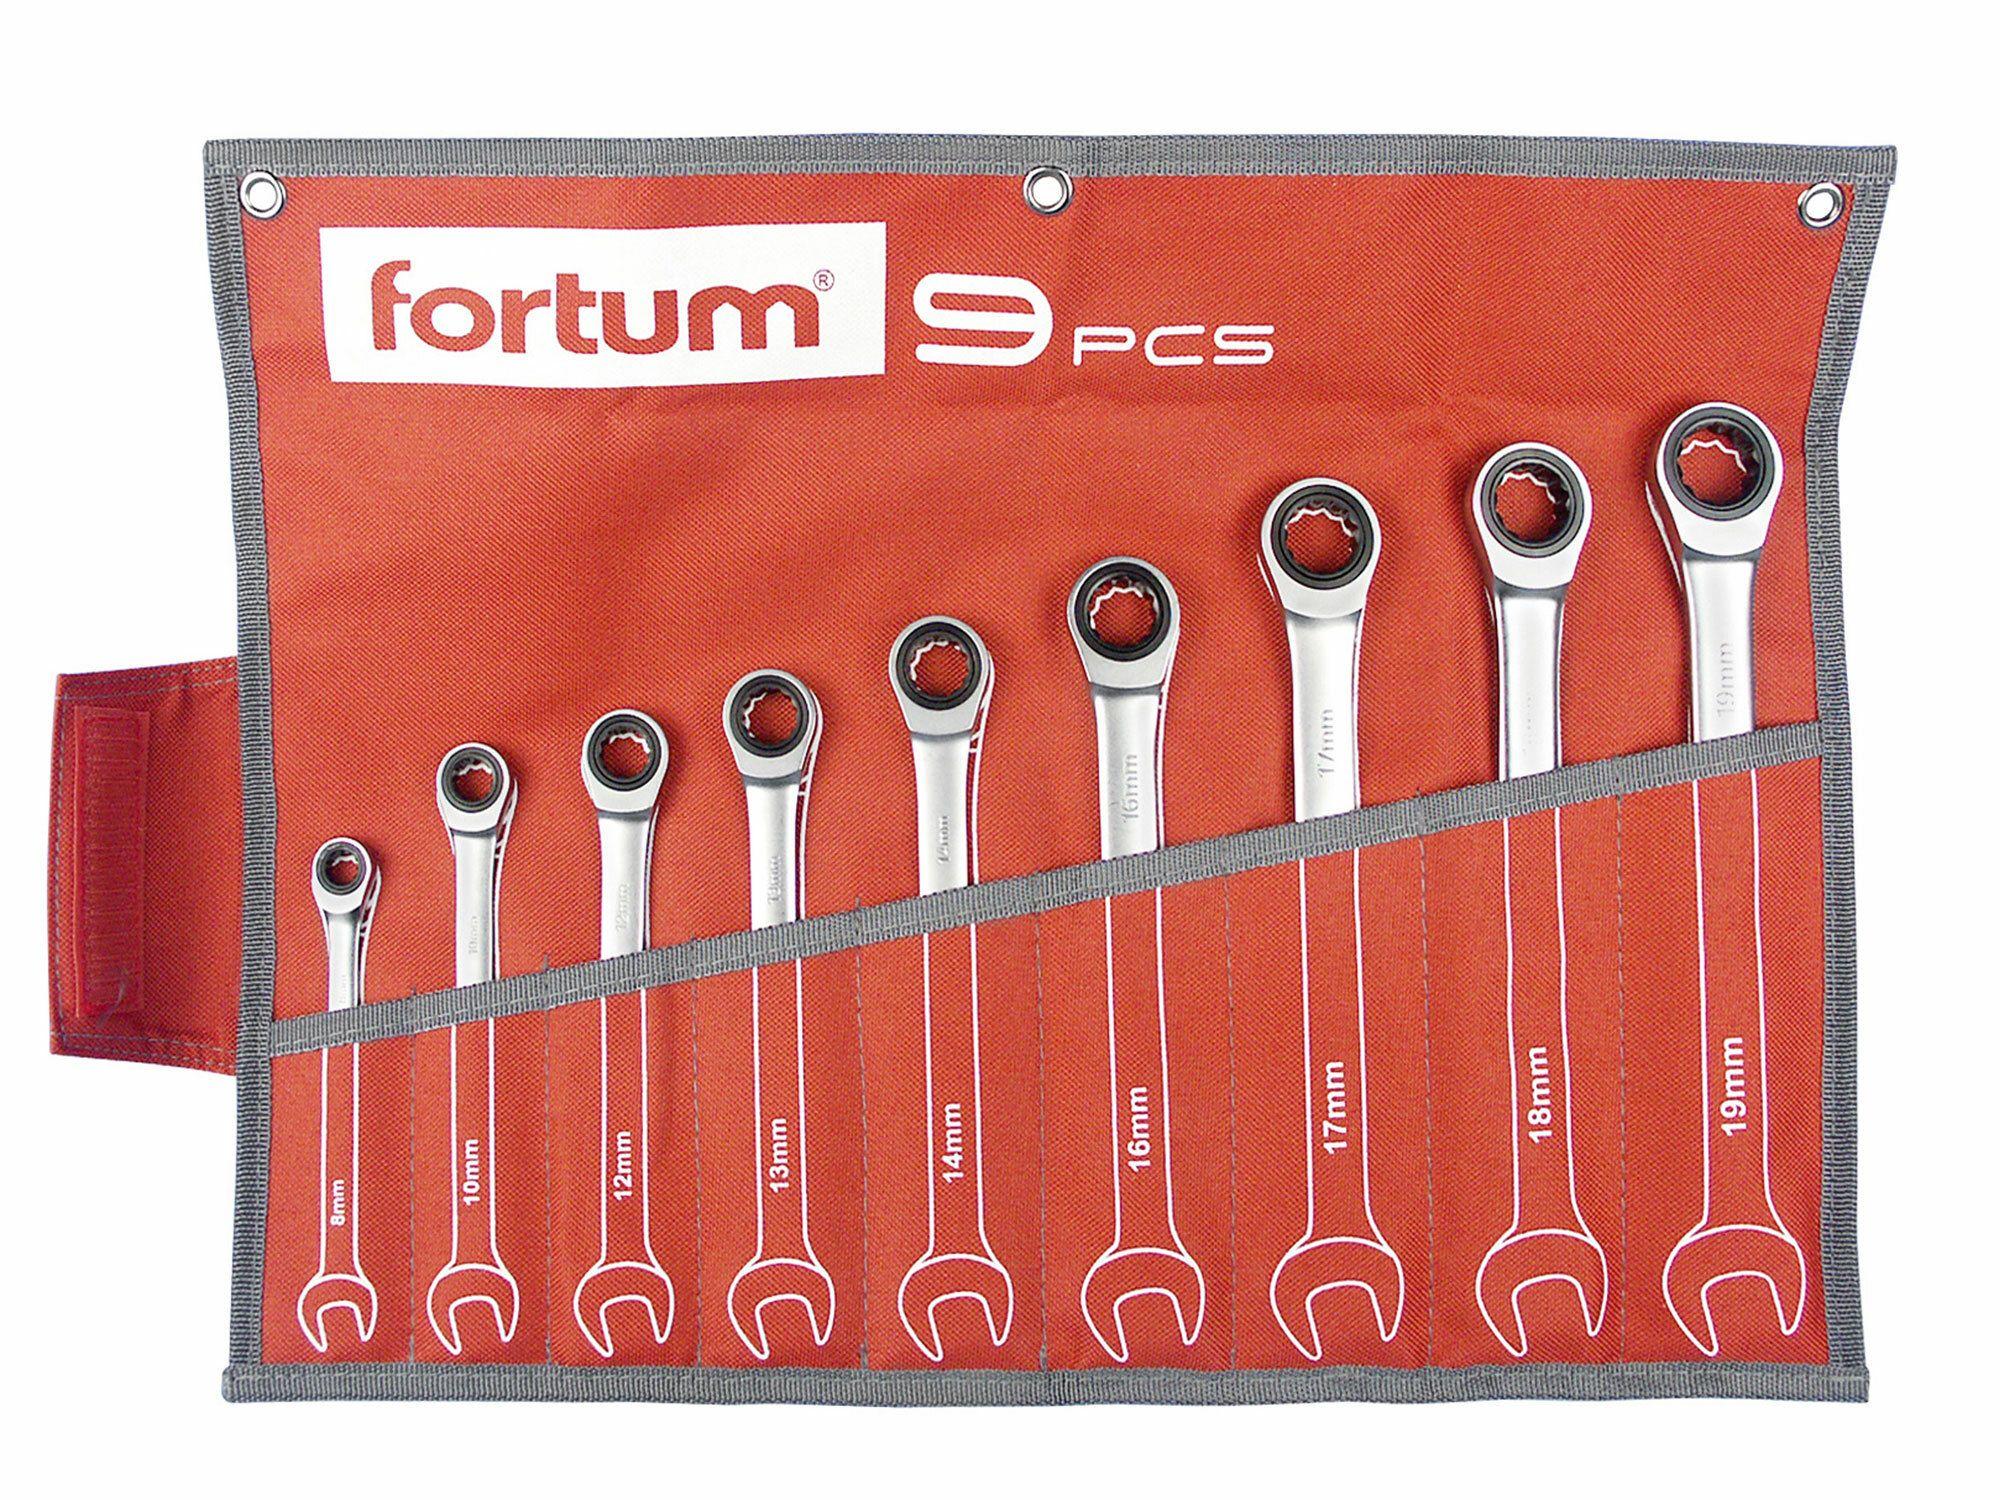 Klíče ráčnové očkoploché, sada 9ks, 8-10-12-13-14-16-17-18-19mm, CrV/S2, FORTUM